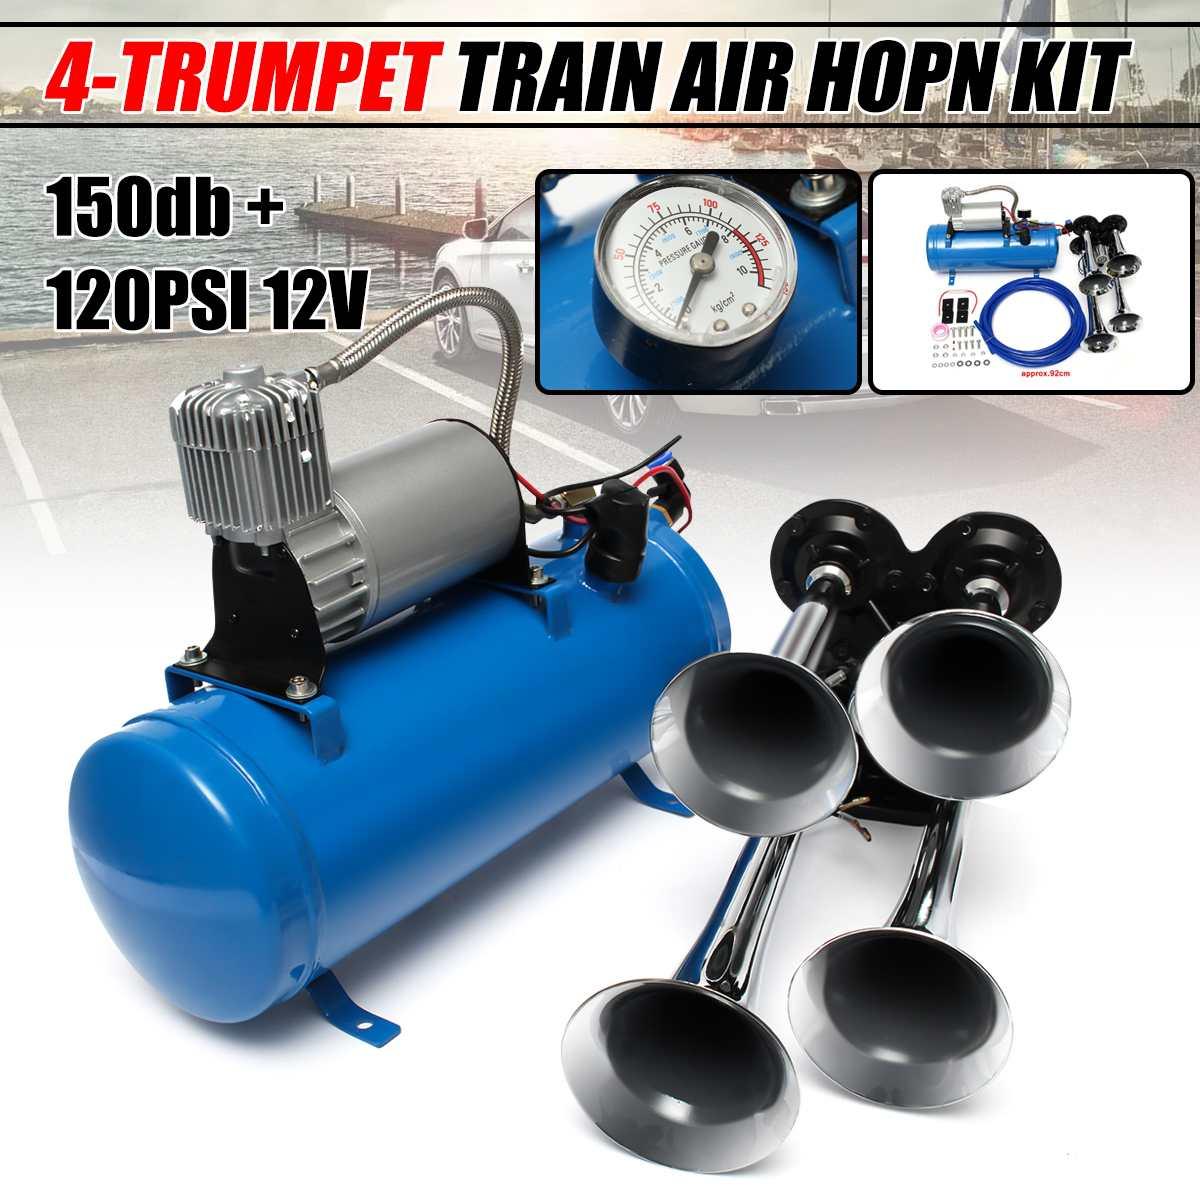 12 v/24 v 120 psi 4 tubo azul 150db do compressor do veículo da trombeta do chifre do cromo do trem do ar